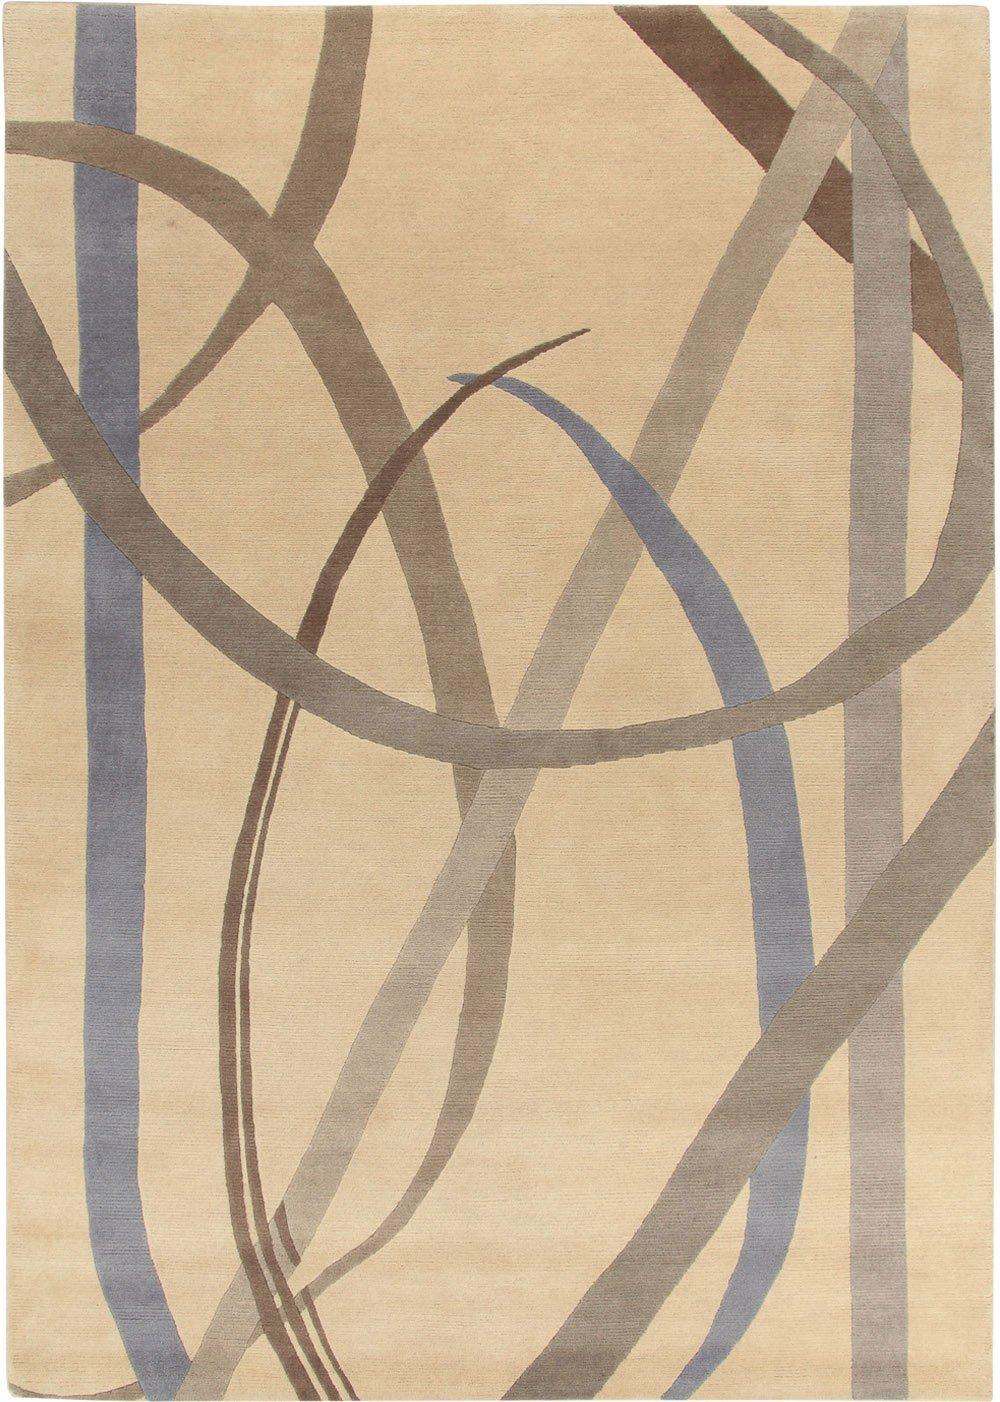 La Datina lettera disegnata carpet Gio Ponti